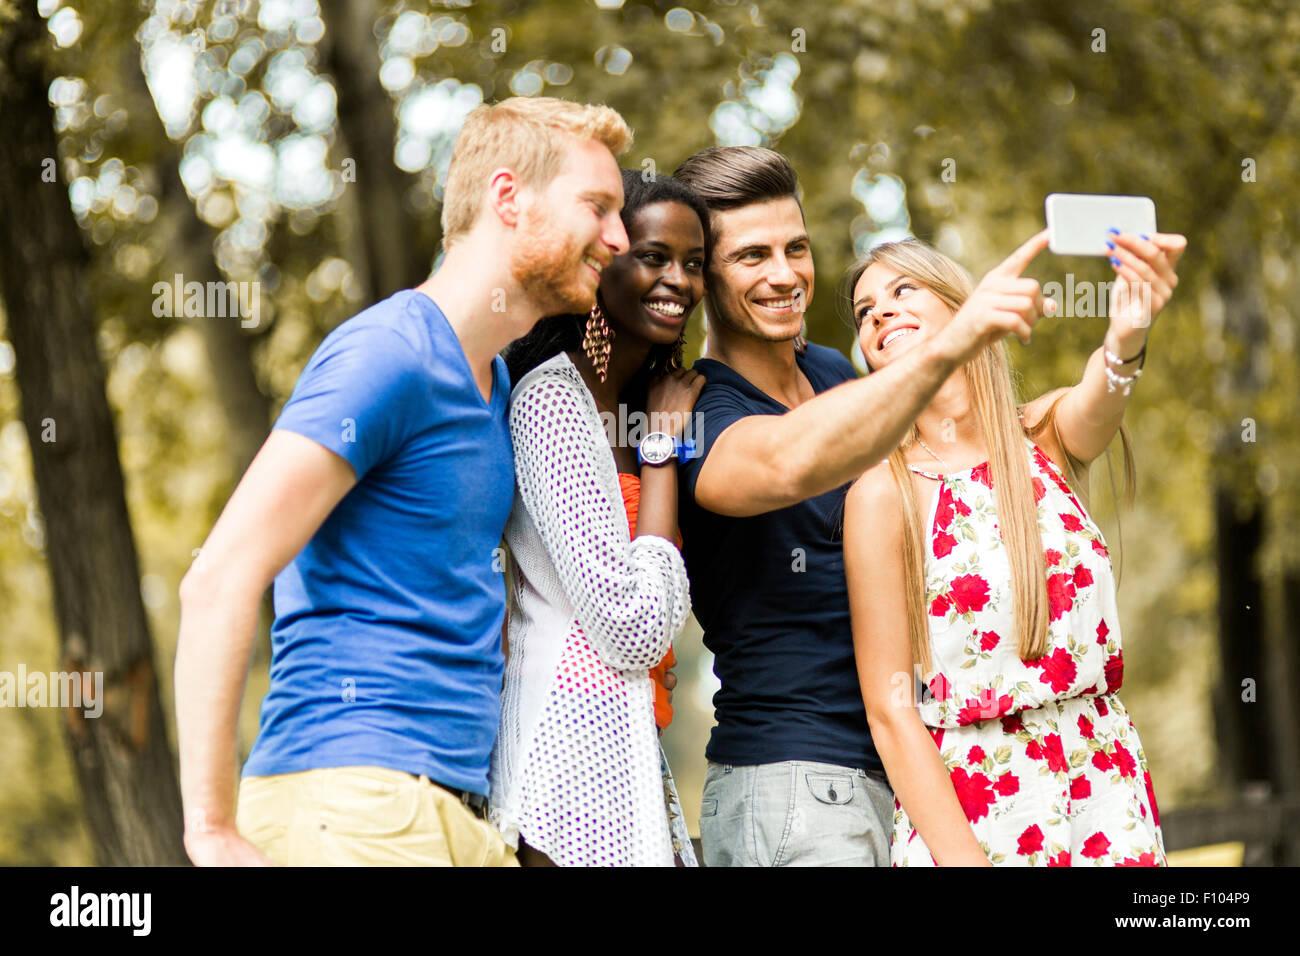 Groupe de jeunes et des couples en tenant vos autoportraits en nature et smiling Photo Stock